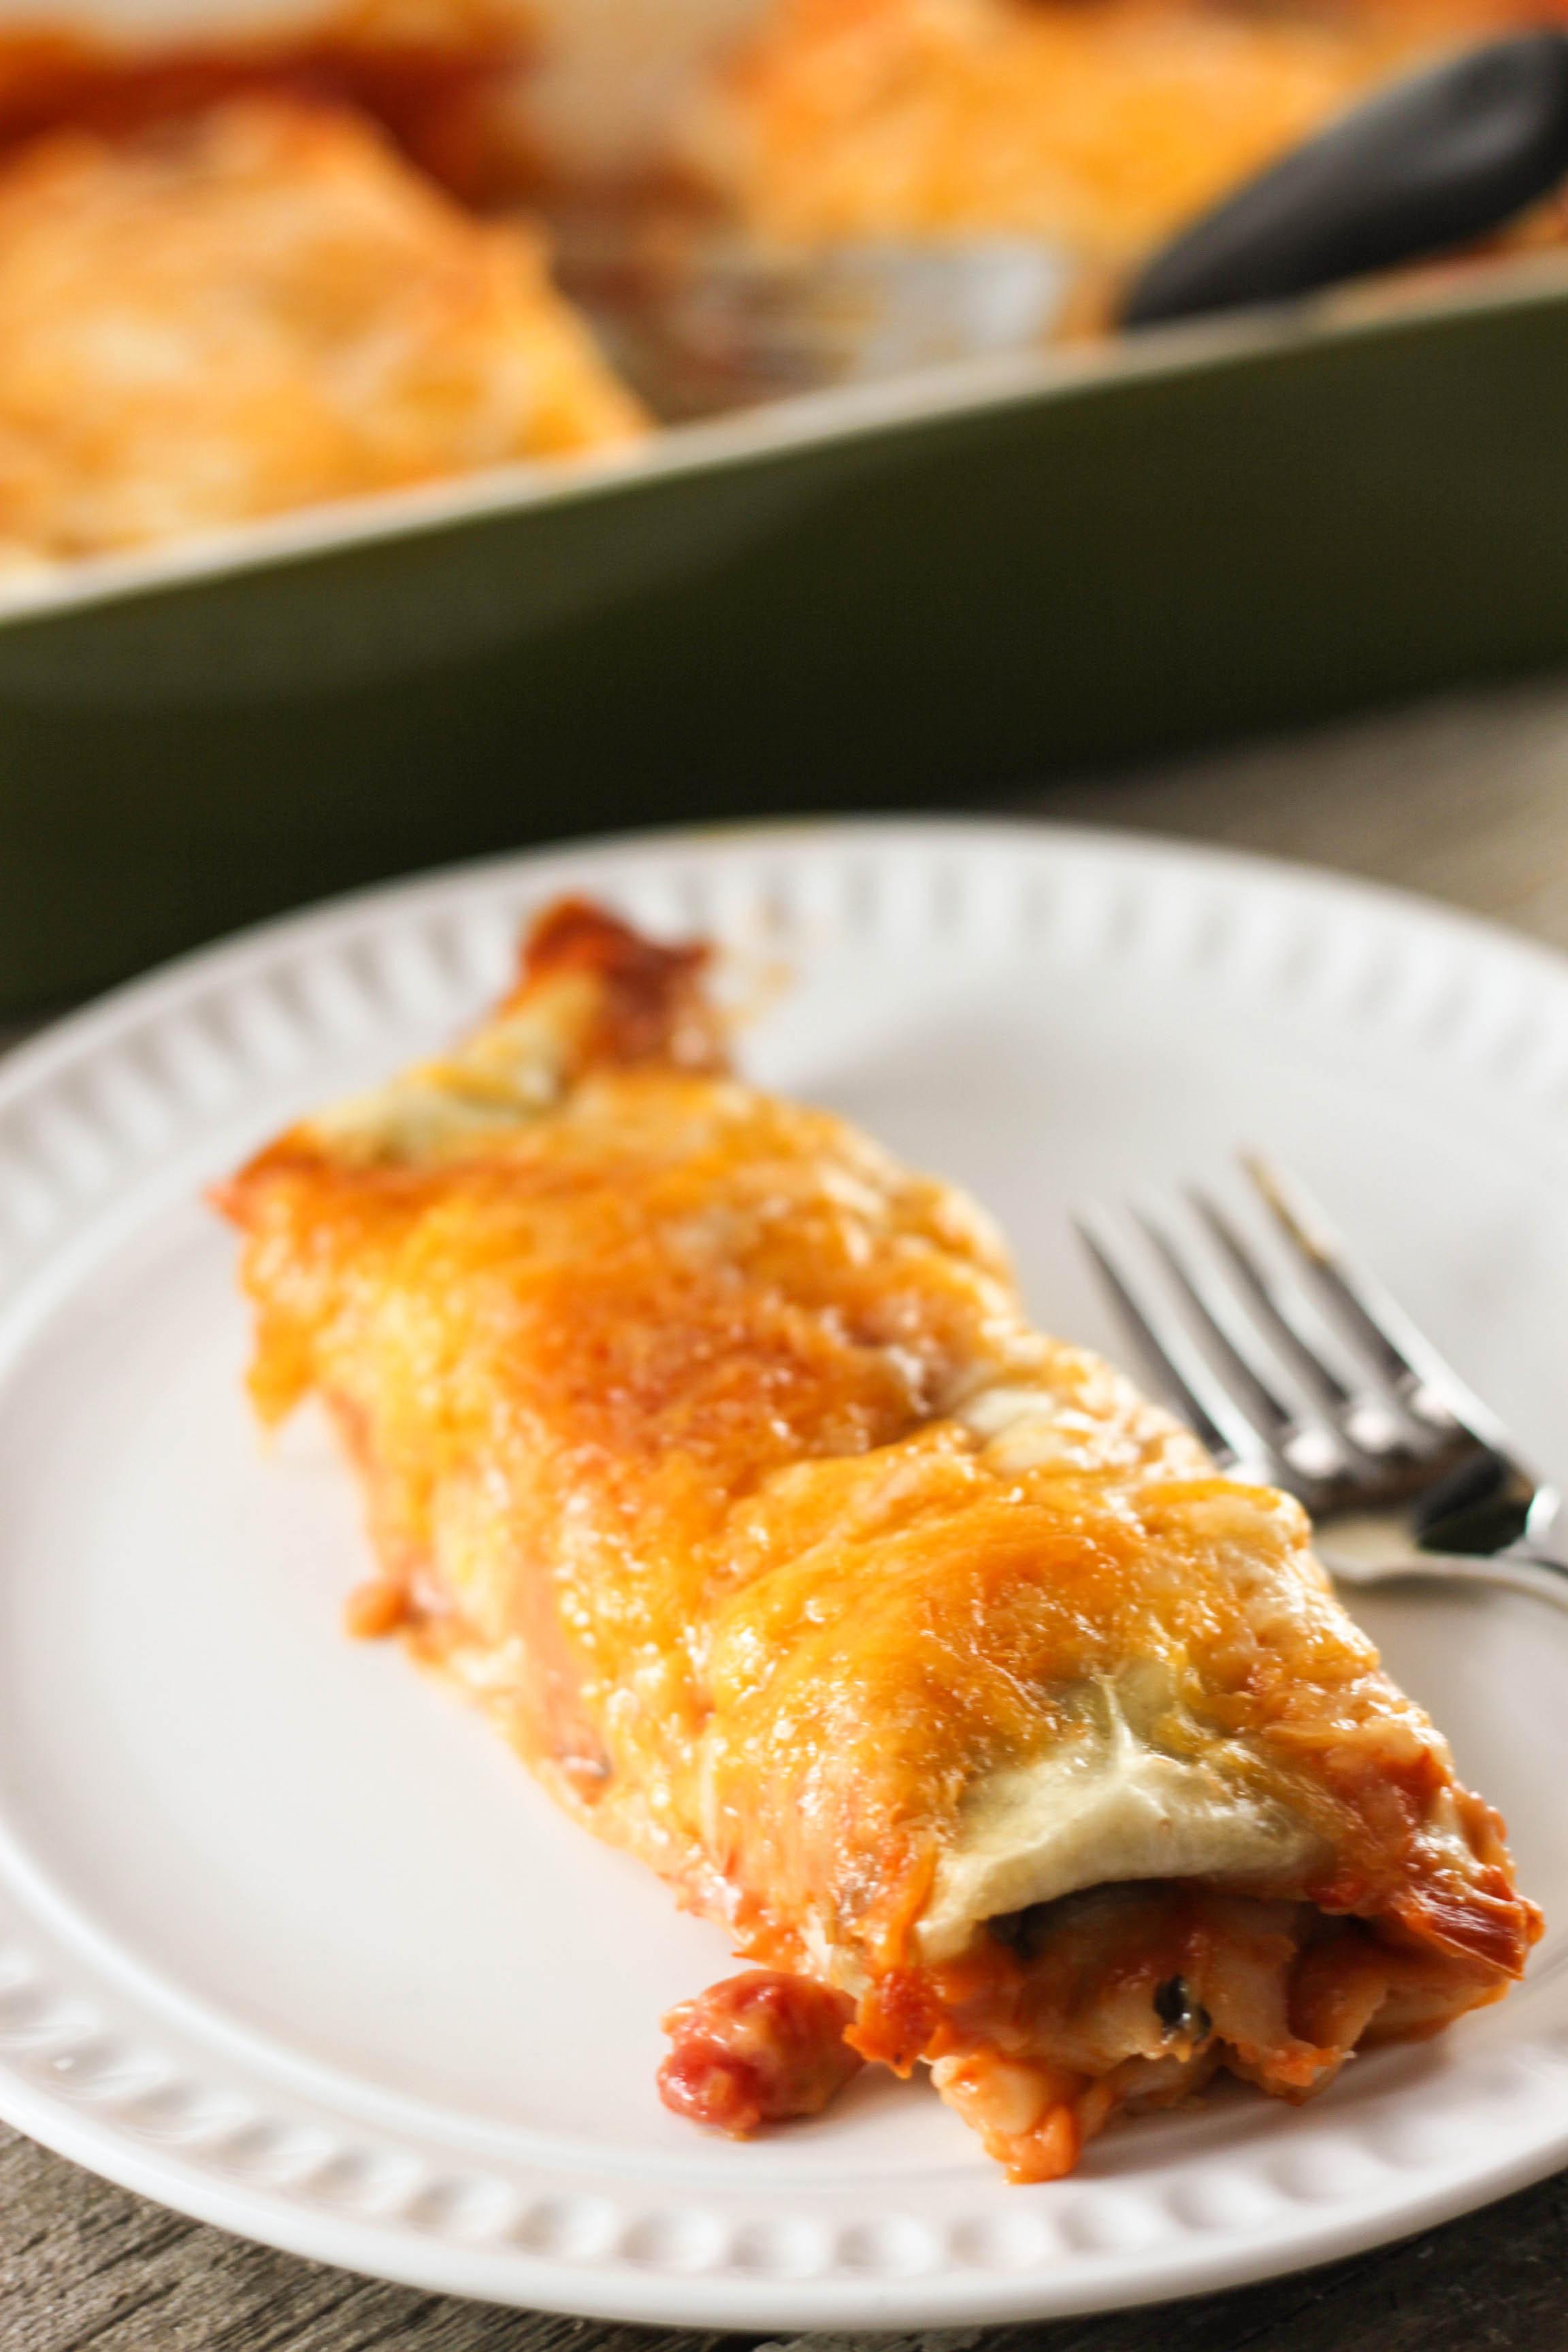 Burrito Style Beef Enchiladas The Farmwife Cooks